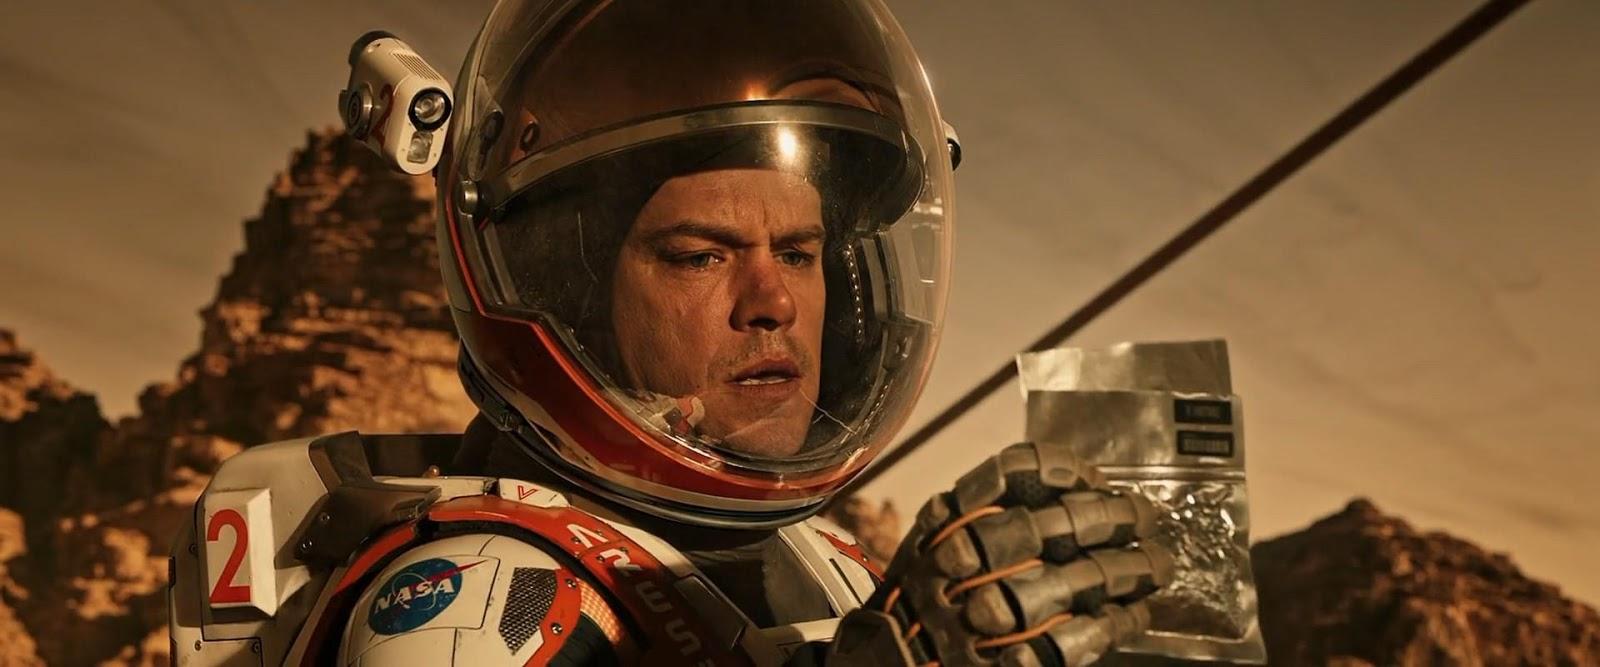 The Martian (2015) 2